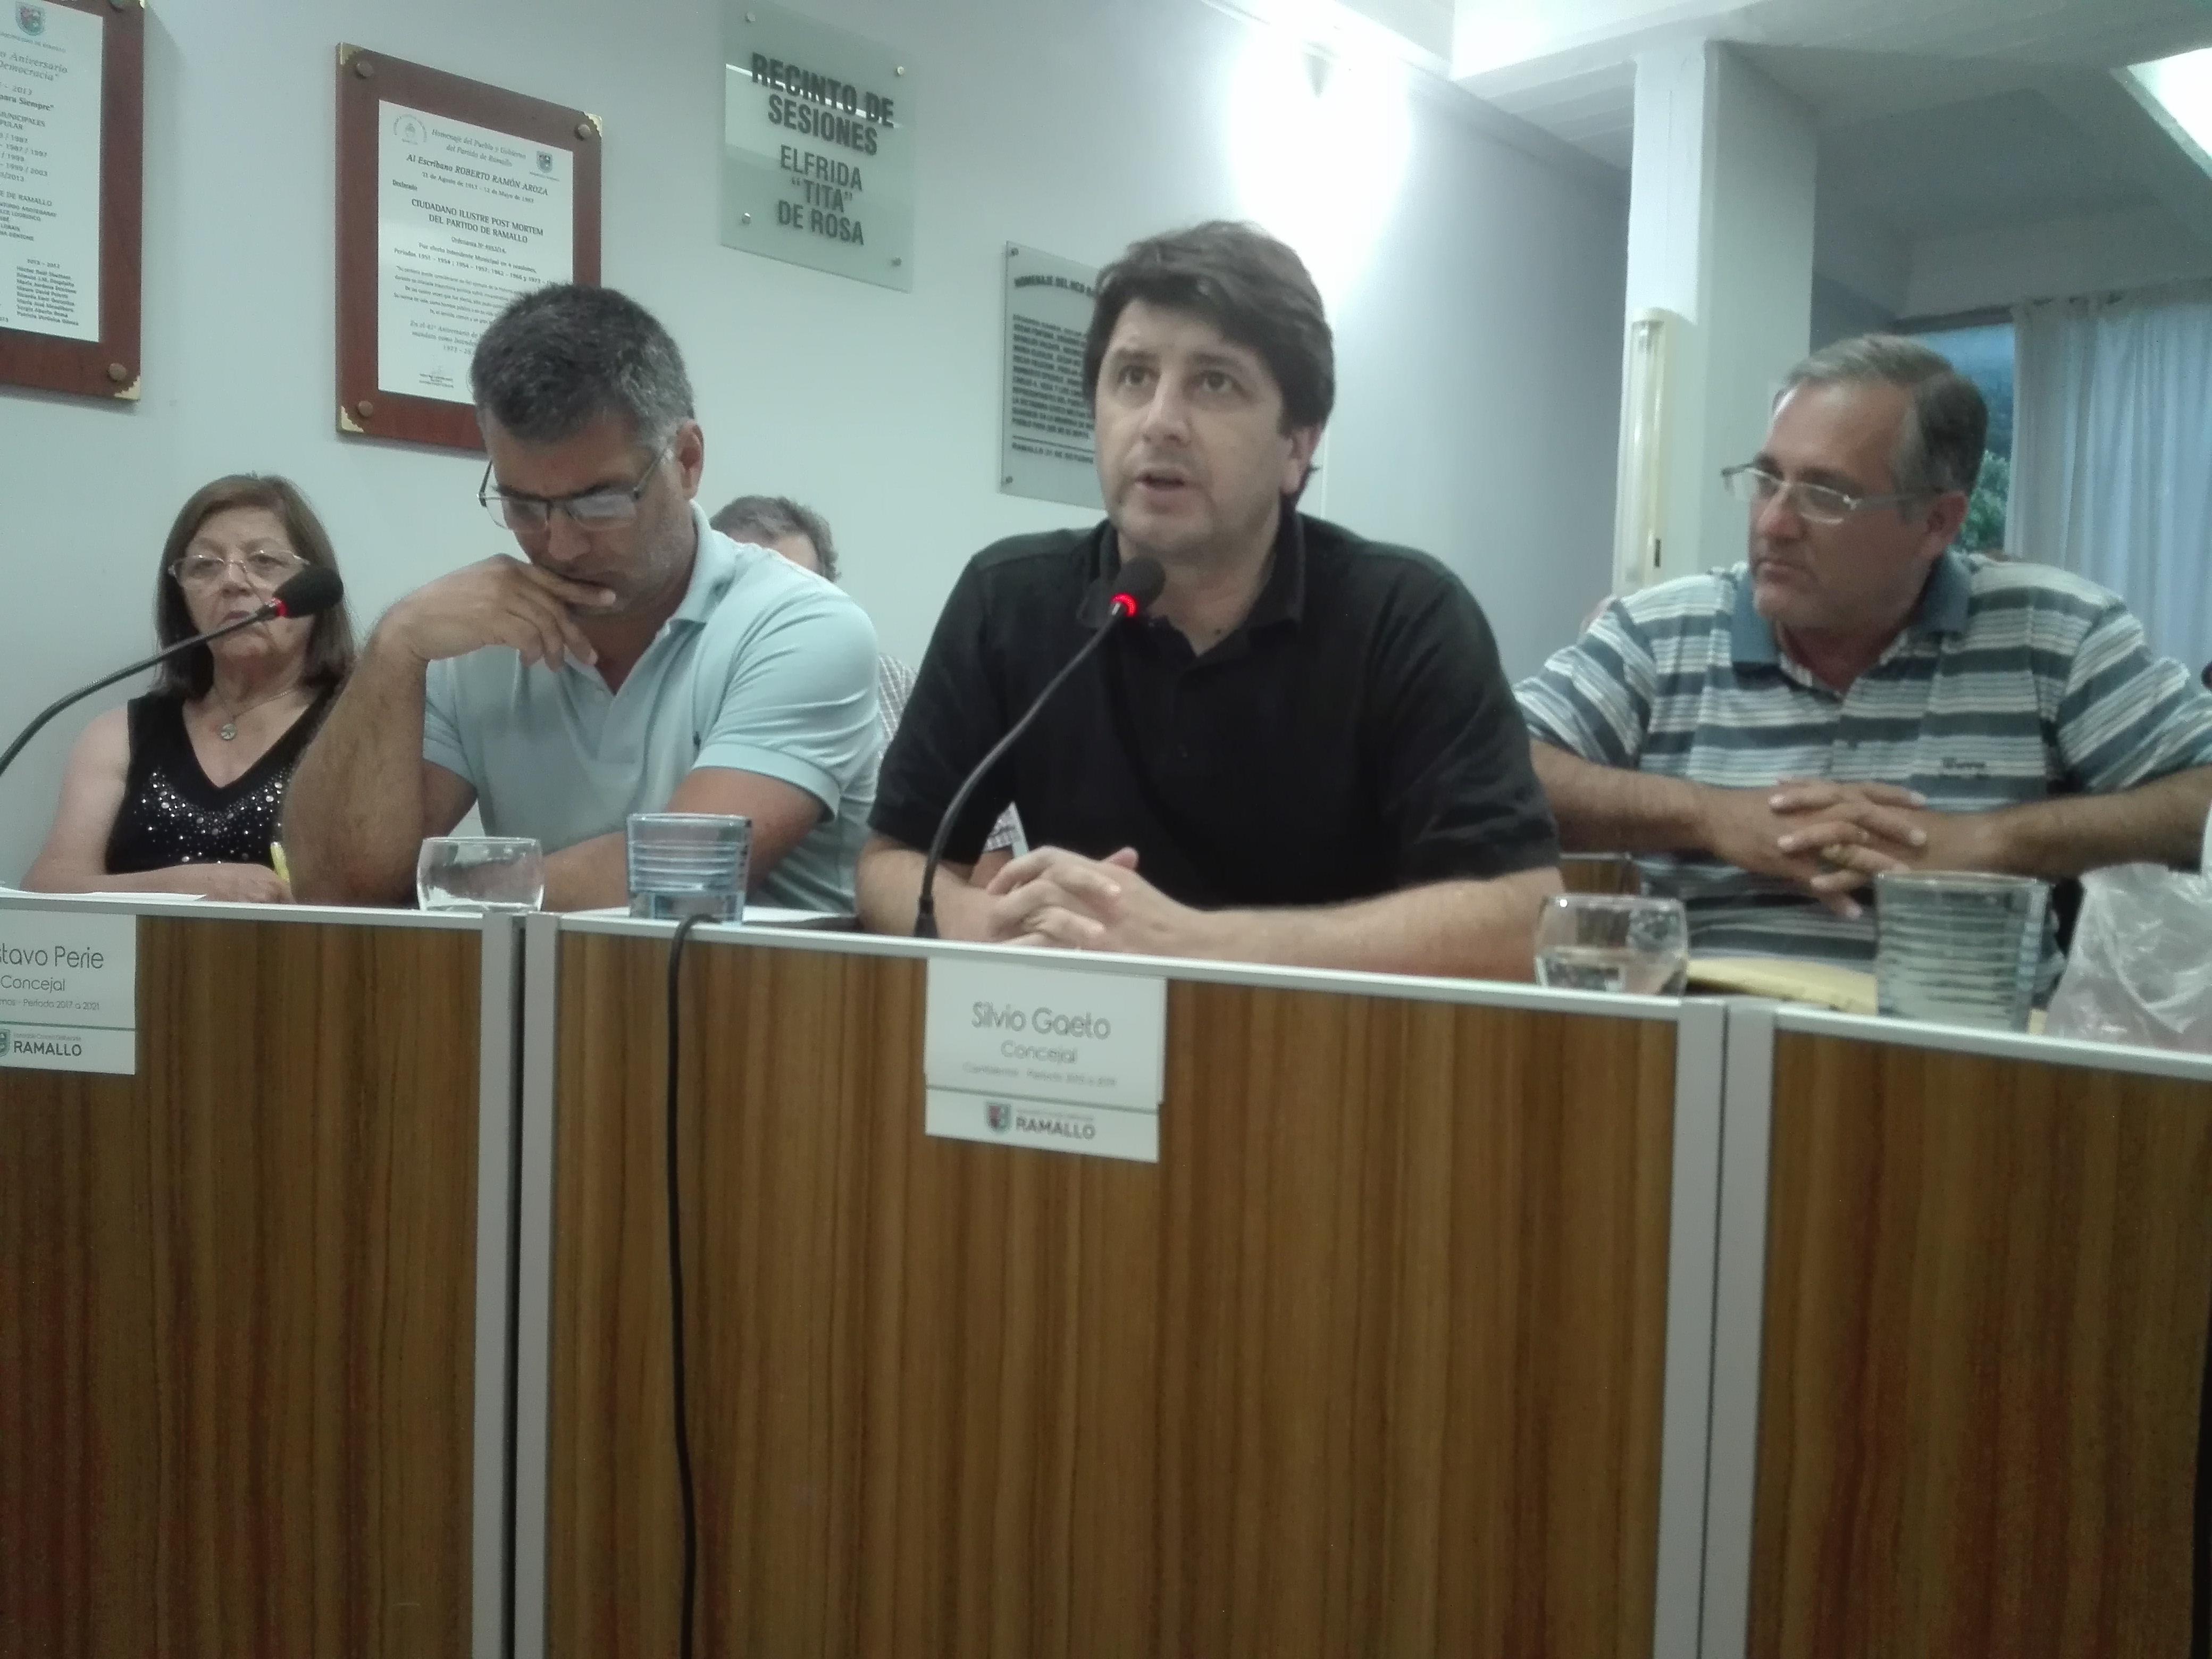 Gaeto 'La mayoría de los convencionales de la segunda sección van a apoyar la continuidad de Cambiemos'